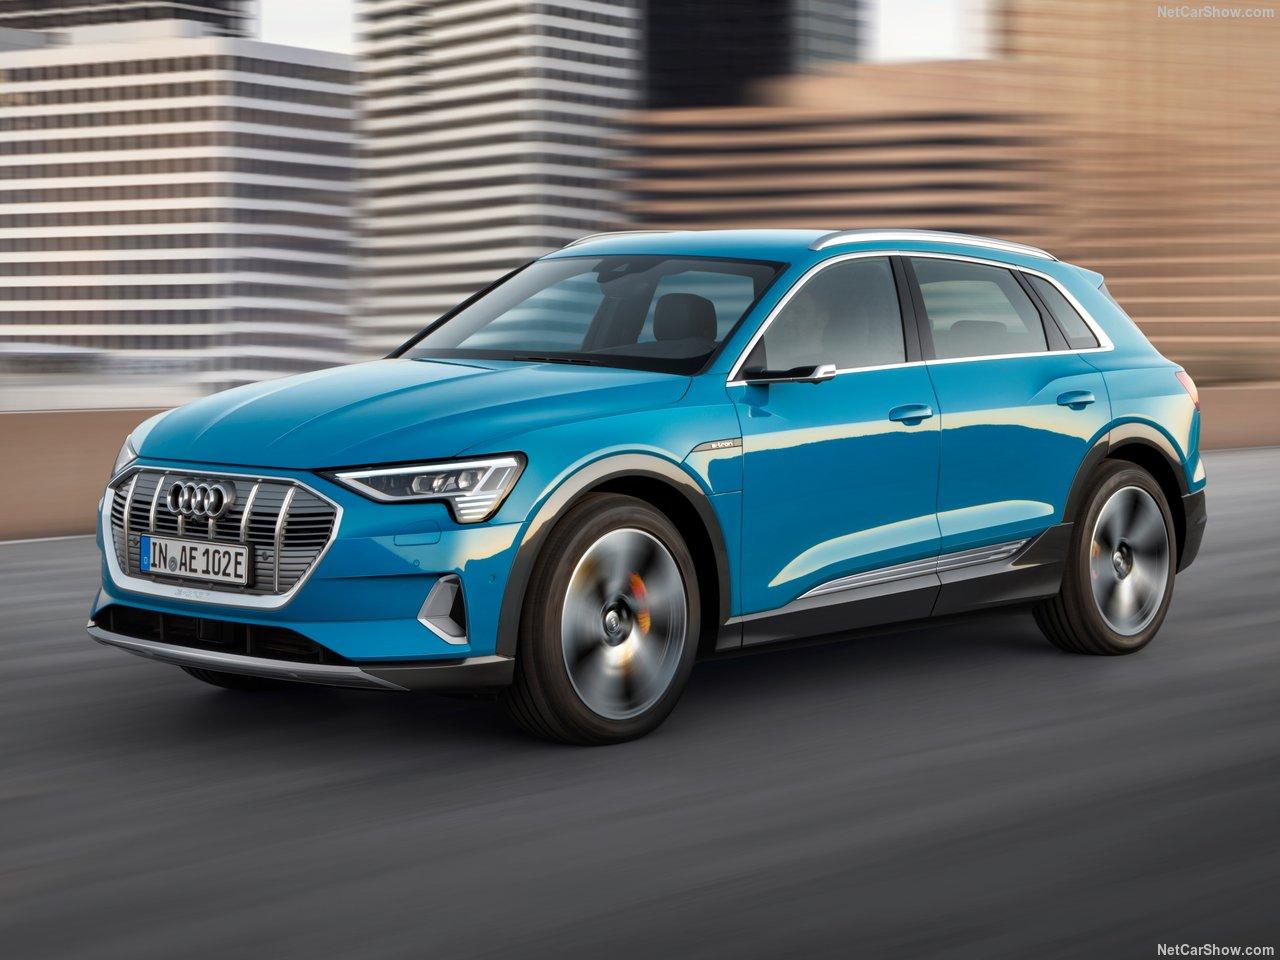 Audi-e-tron-2020-1280-0b